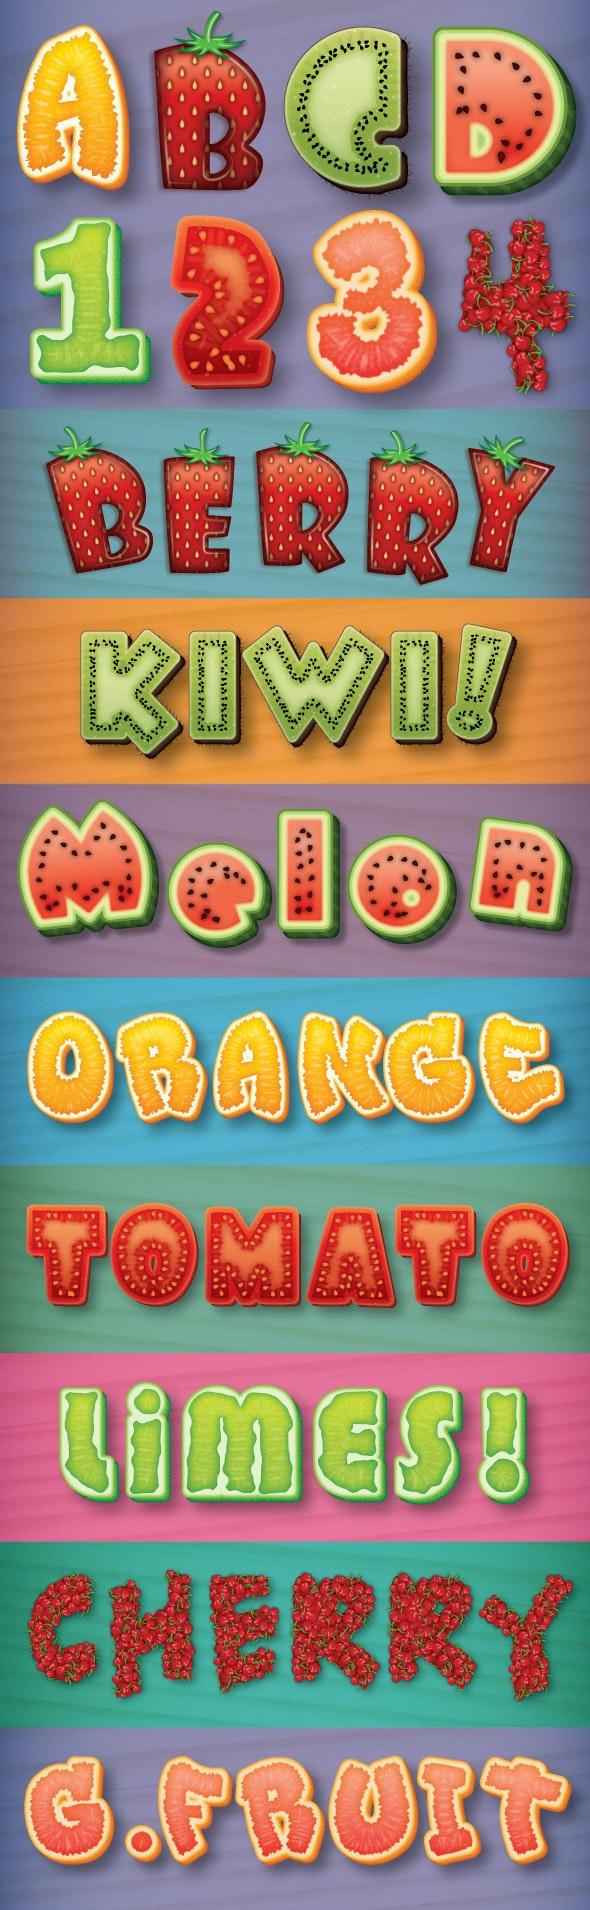 Fruit Text Styles - Styles Illustrator